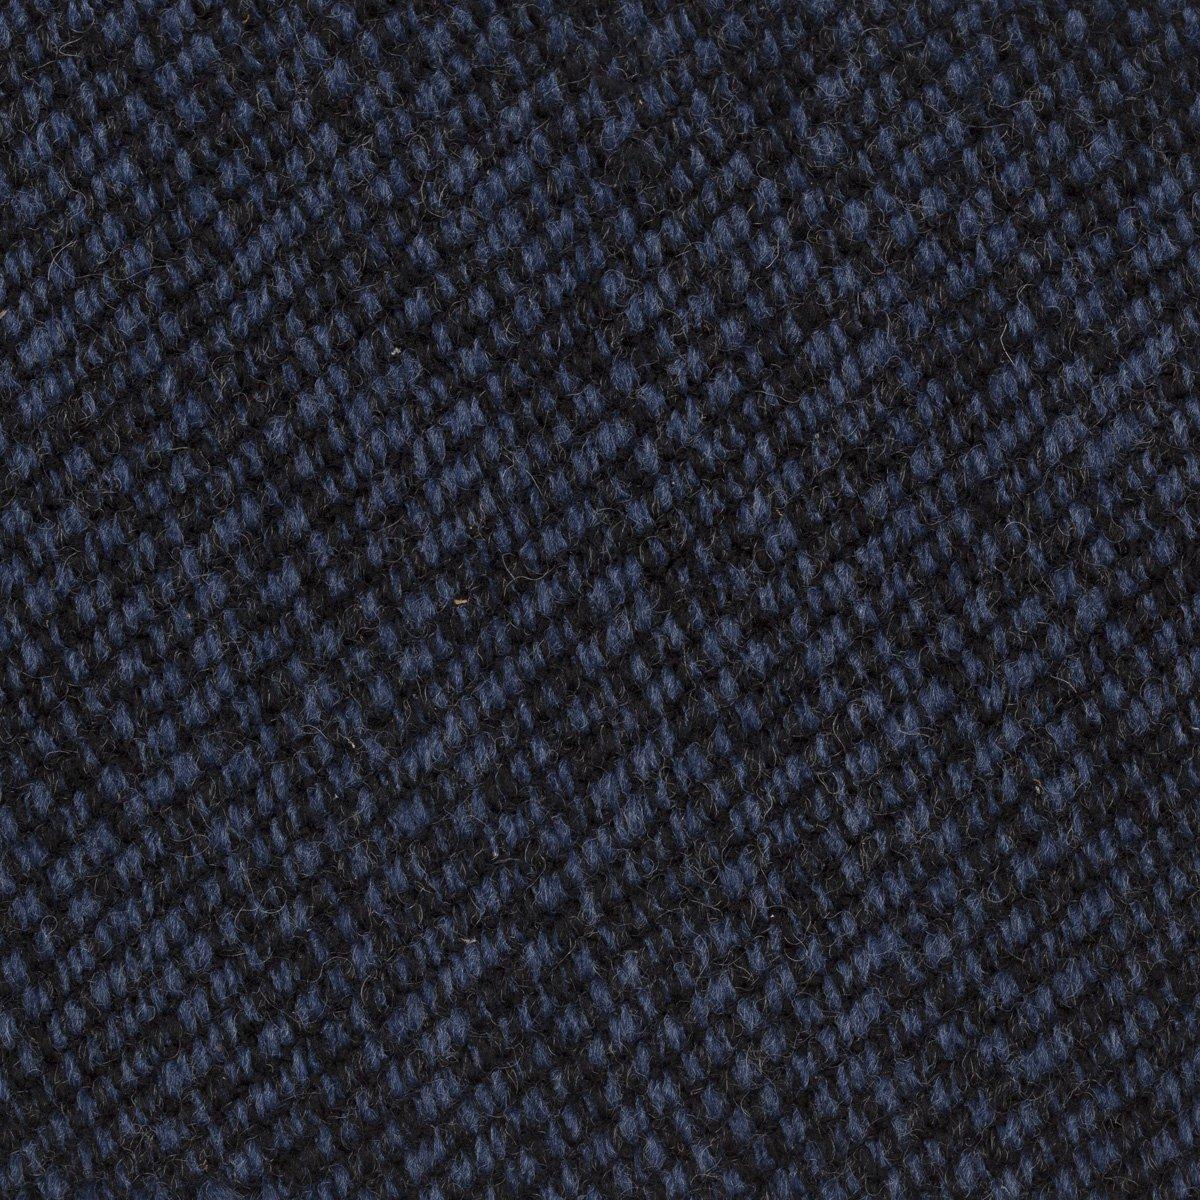 J.FitzPatrick Footwear Blue Poulsbo Fabric